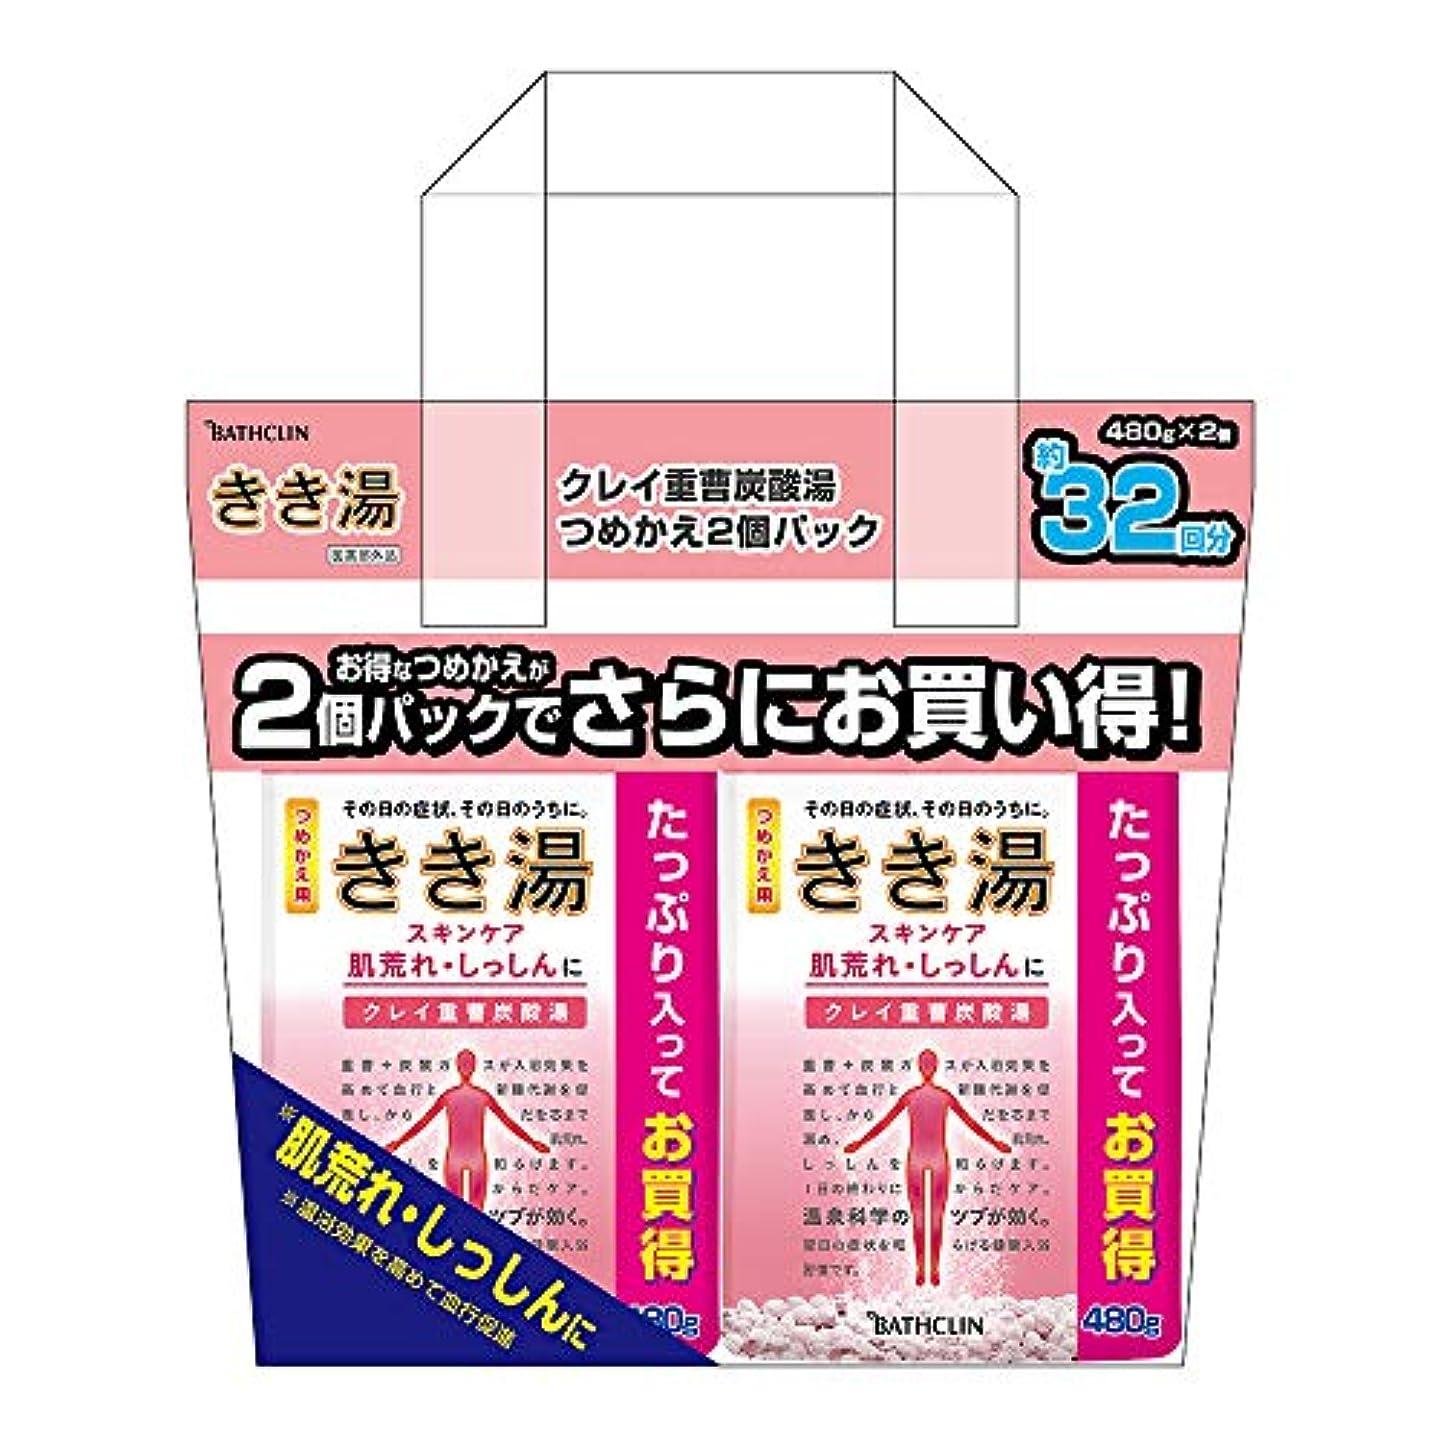 恐れいっぱい彼らのきき湯つめかえ2個パッククレイ重曹炭酸湯 入浴剤 湯けむりの香りの炭酸入浴剤 乳白色の湯(透明タイプ) の炭酸入浴剤 詰替え用 480g×2個